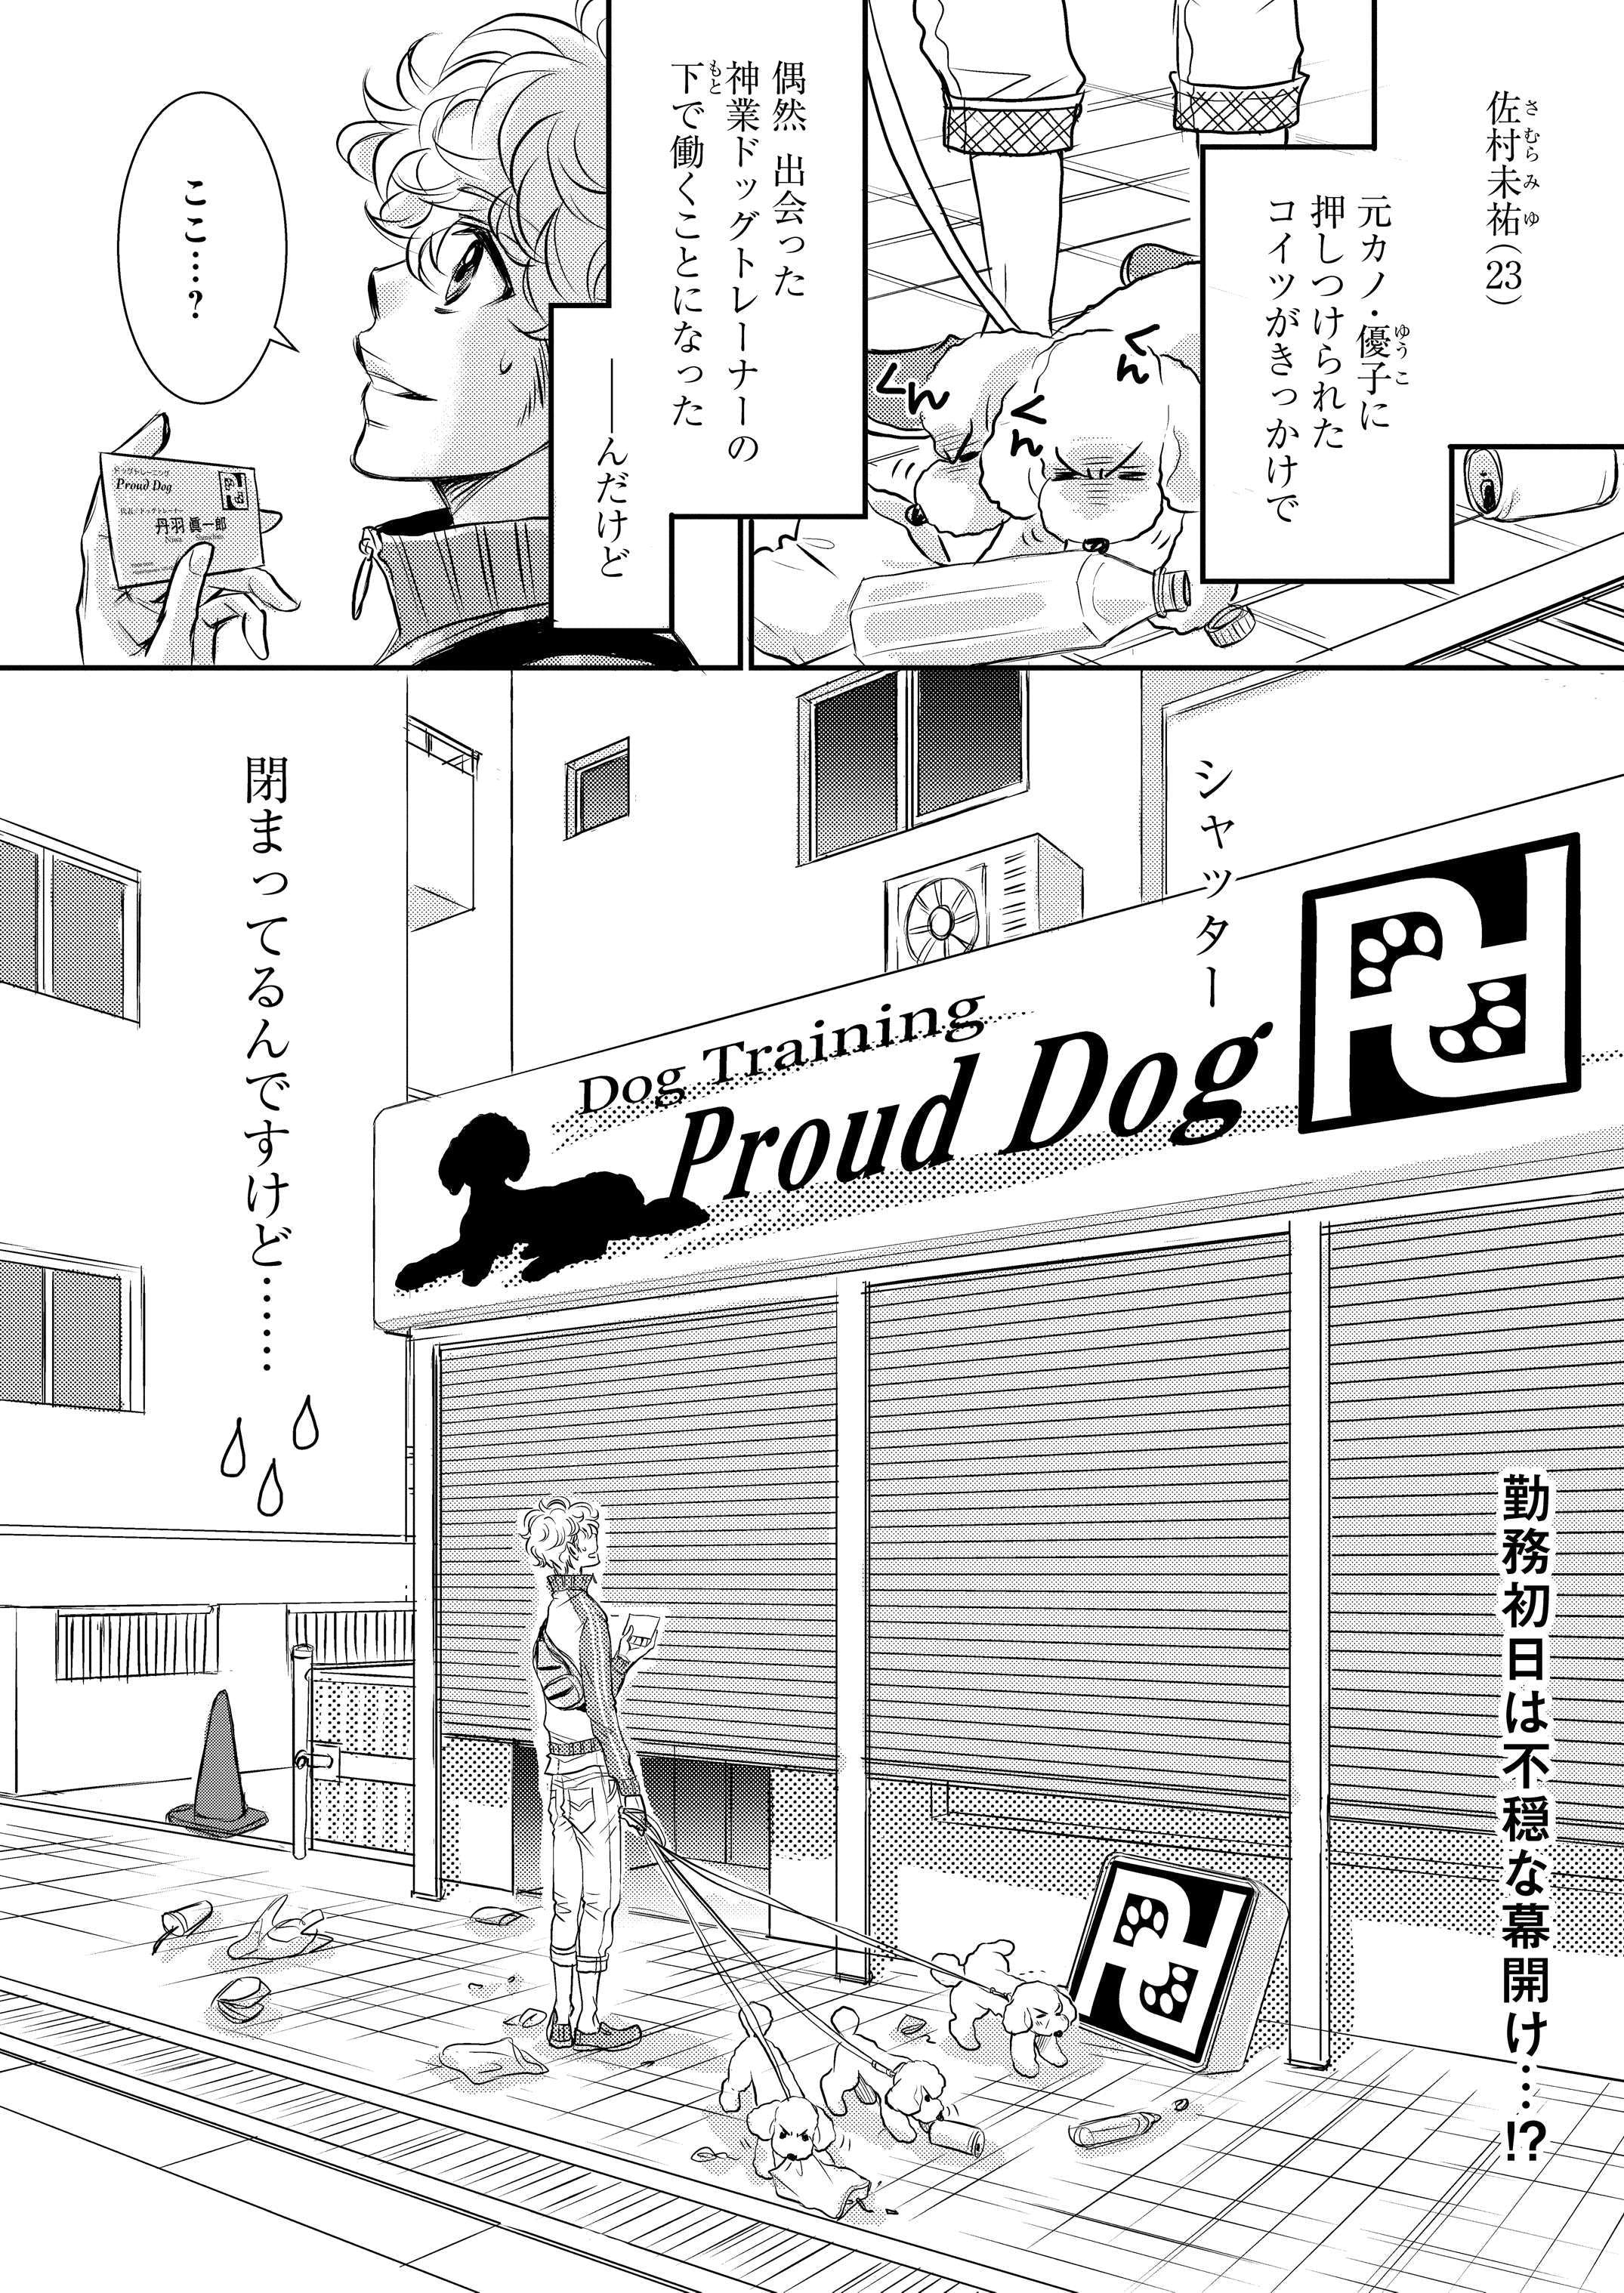 『DOG SIGNAL』2話目① 1ページ目